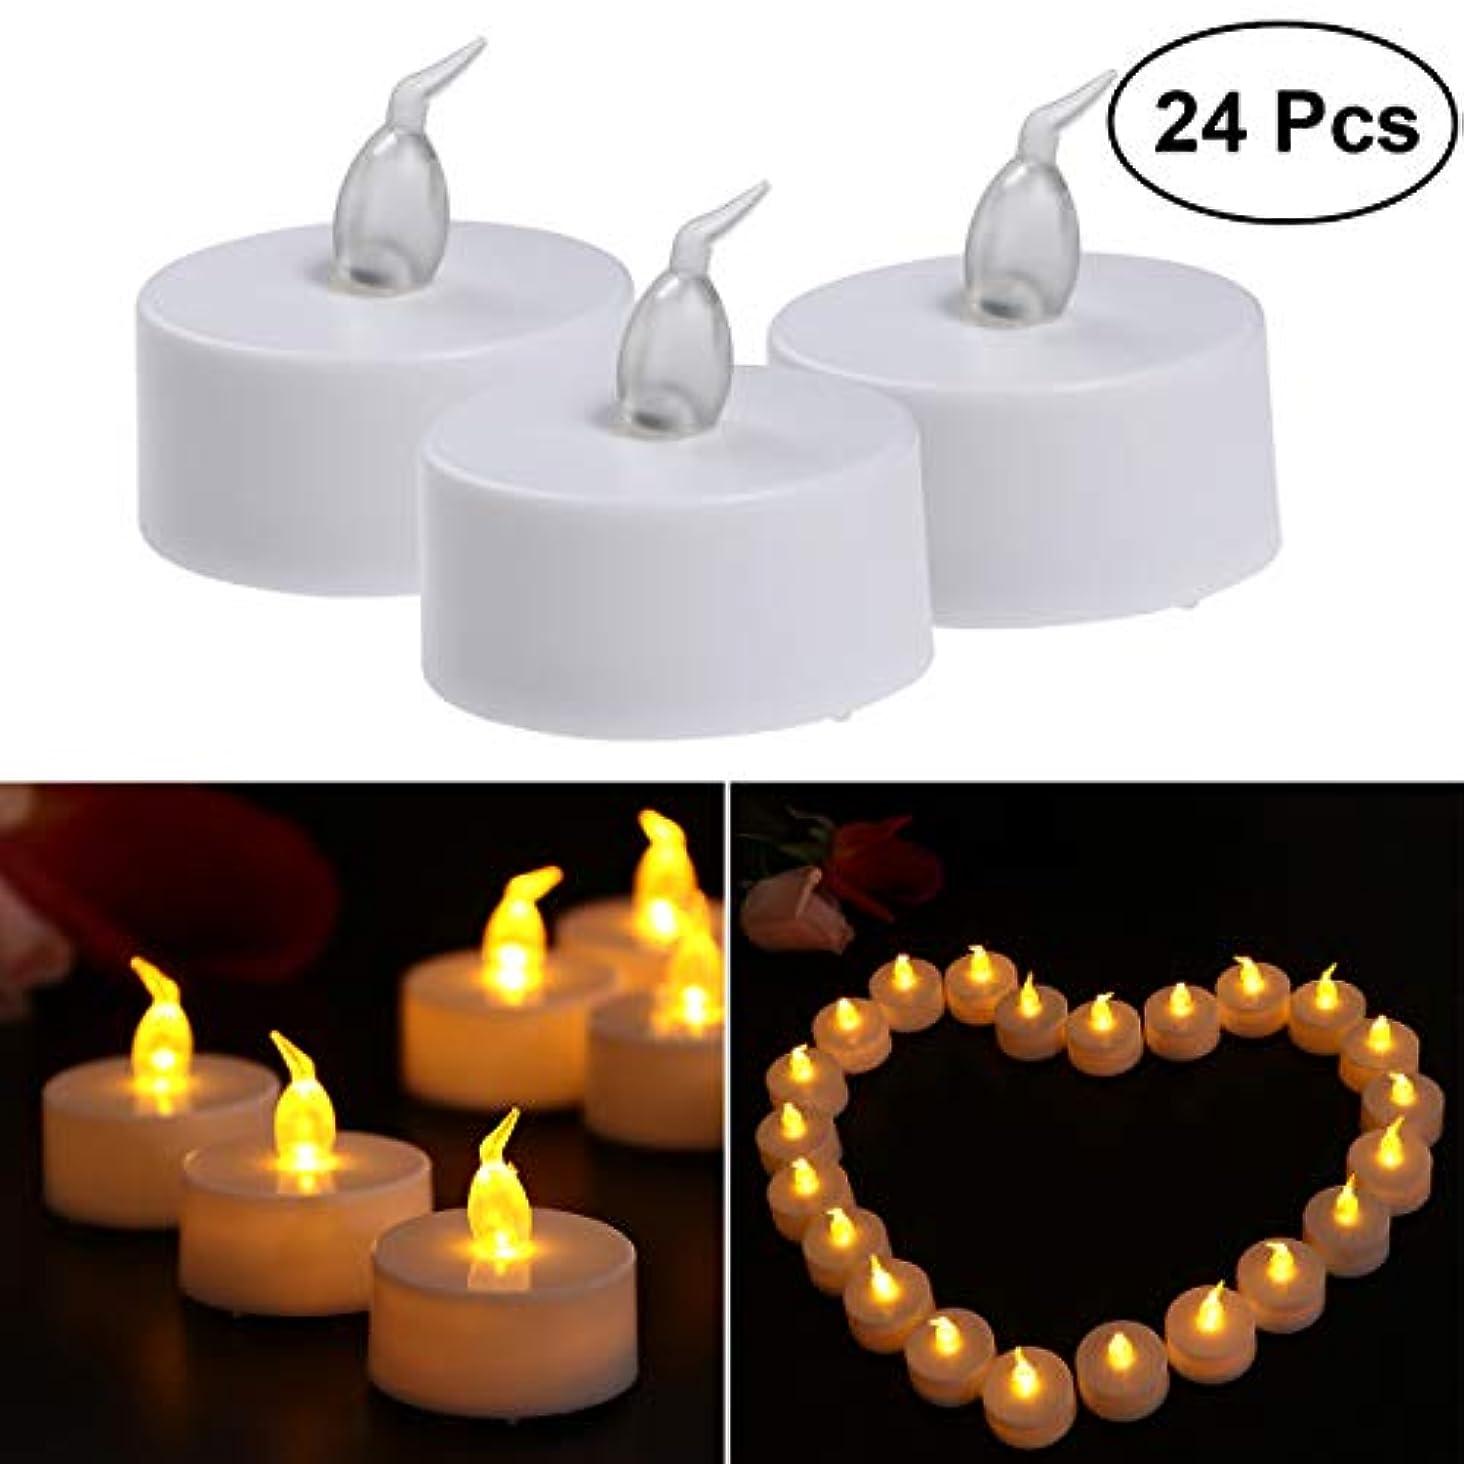 達成可能統計的興奮Vosarea キャンドル ライト LED キャンドルを点灯 電池で動作 プラスチック 誕生日 祭り 祝賀 3.8×4.2cm 24ピース(黄色のフラッシュライト)